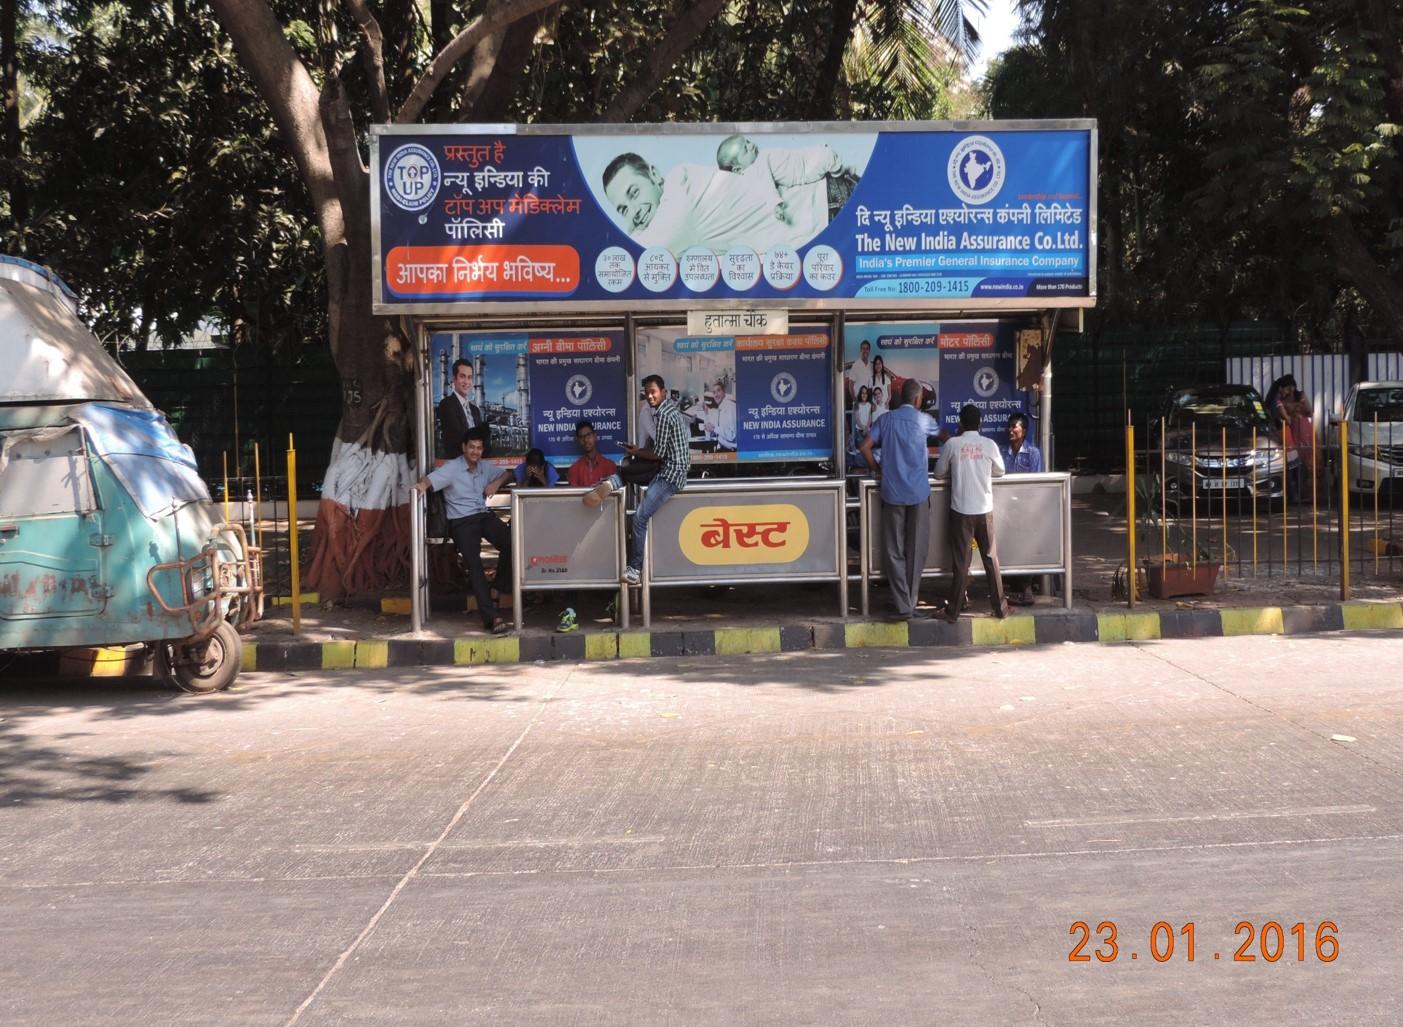 Hutatma Chawk Outside Bombay Gym Khana DN, Mumbai